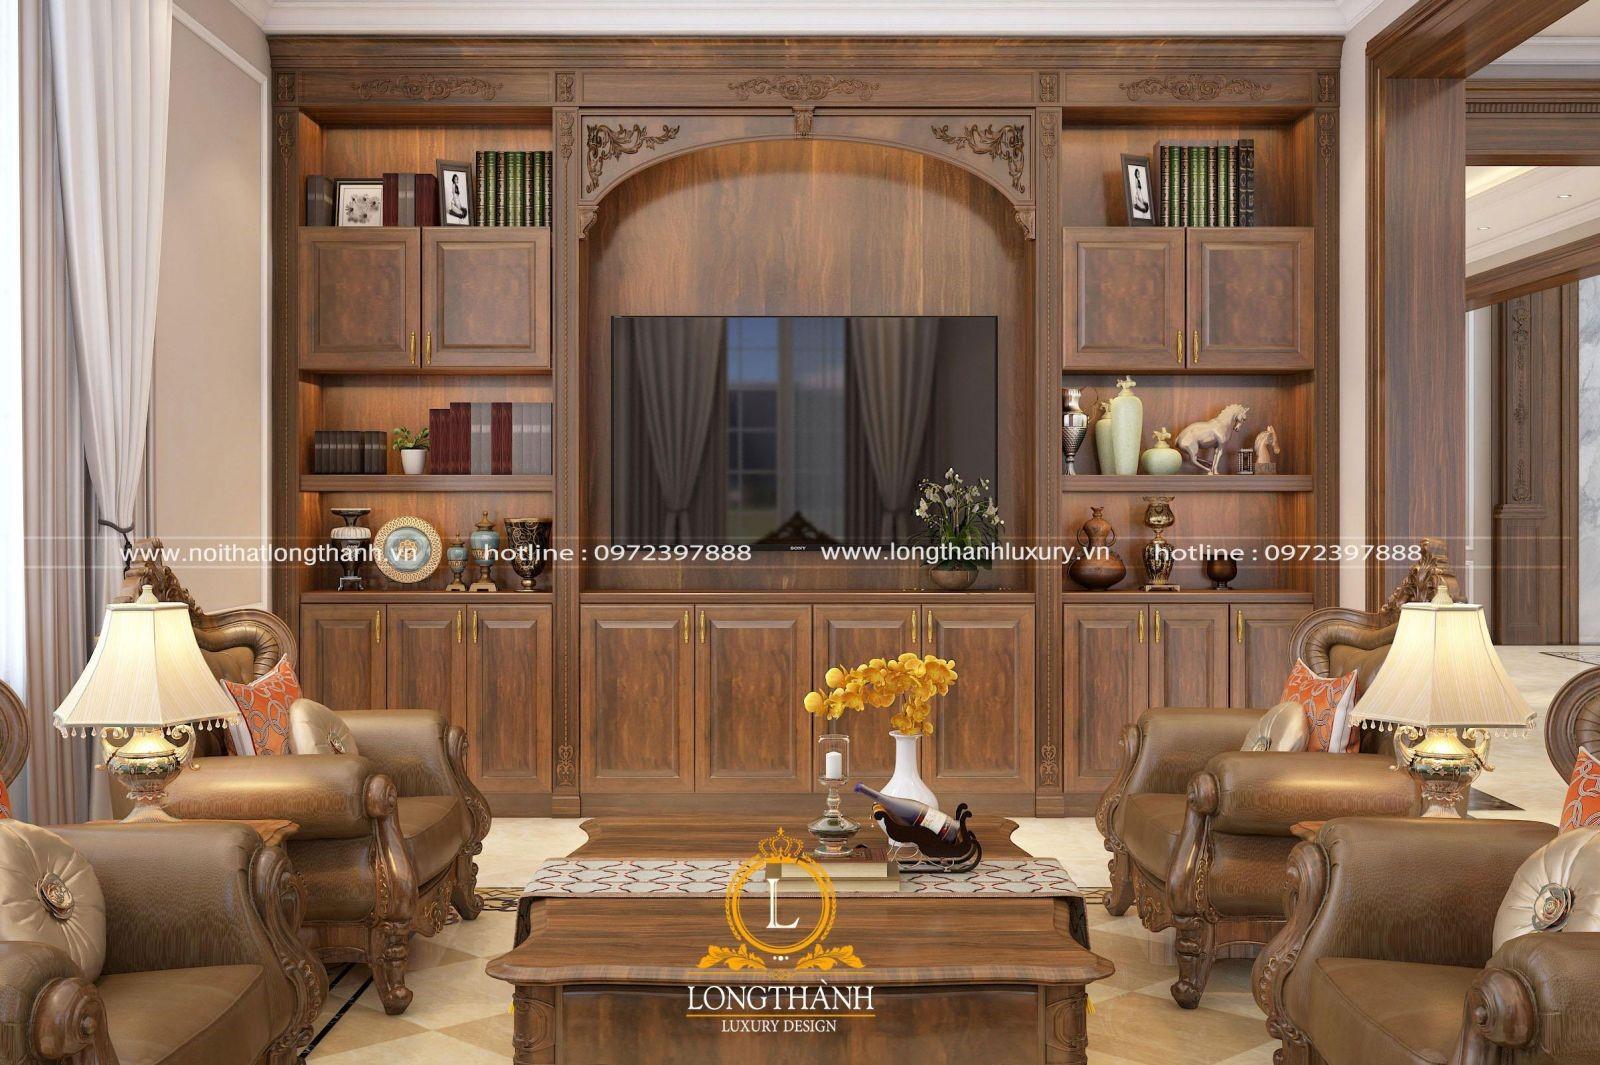 Tủ trang trí kết hợp kệ tivi cho phòng khách tân cổ điển